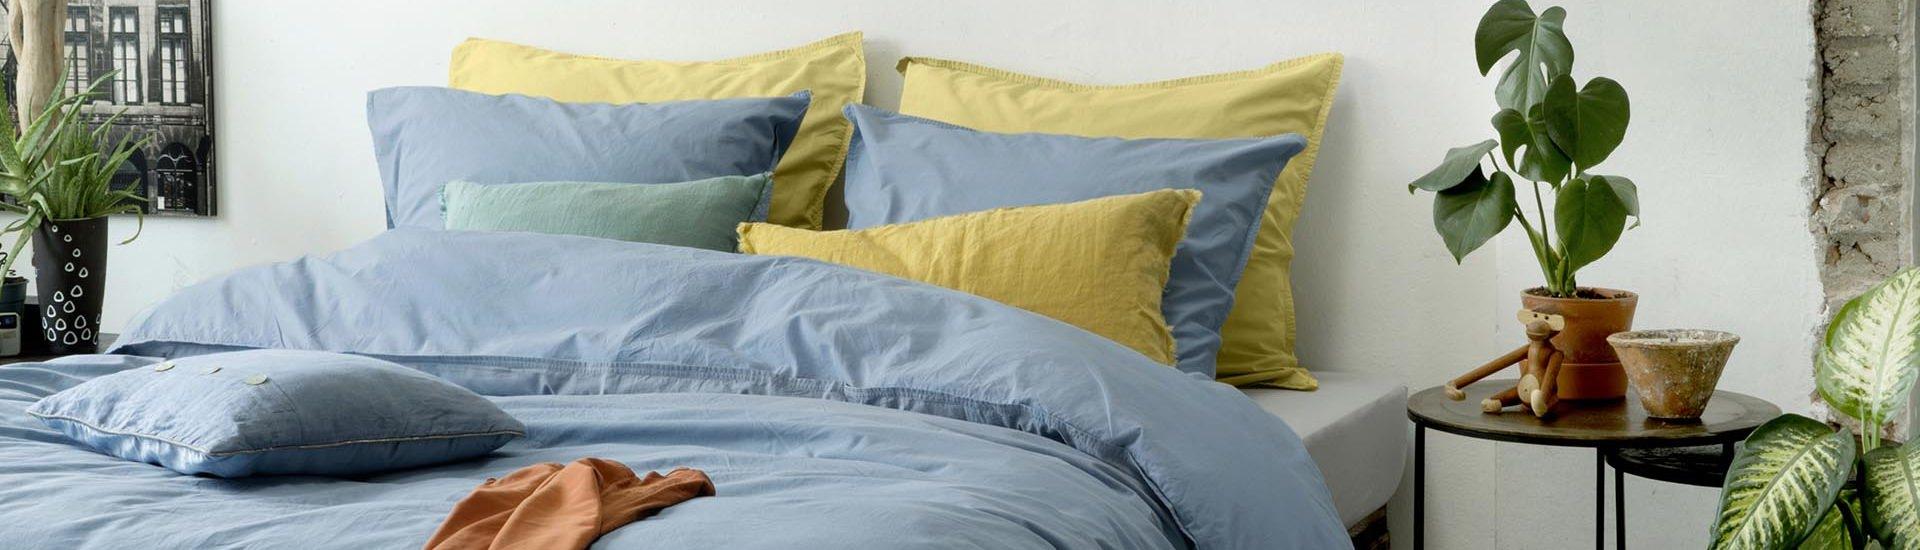 bettdecken auf rechnung bestellen star wars bettw sche bassetti neue kollektion romantisches. Black Bedroom Furniture Sets. Home Design Ideas